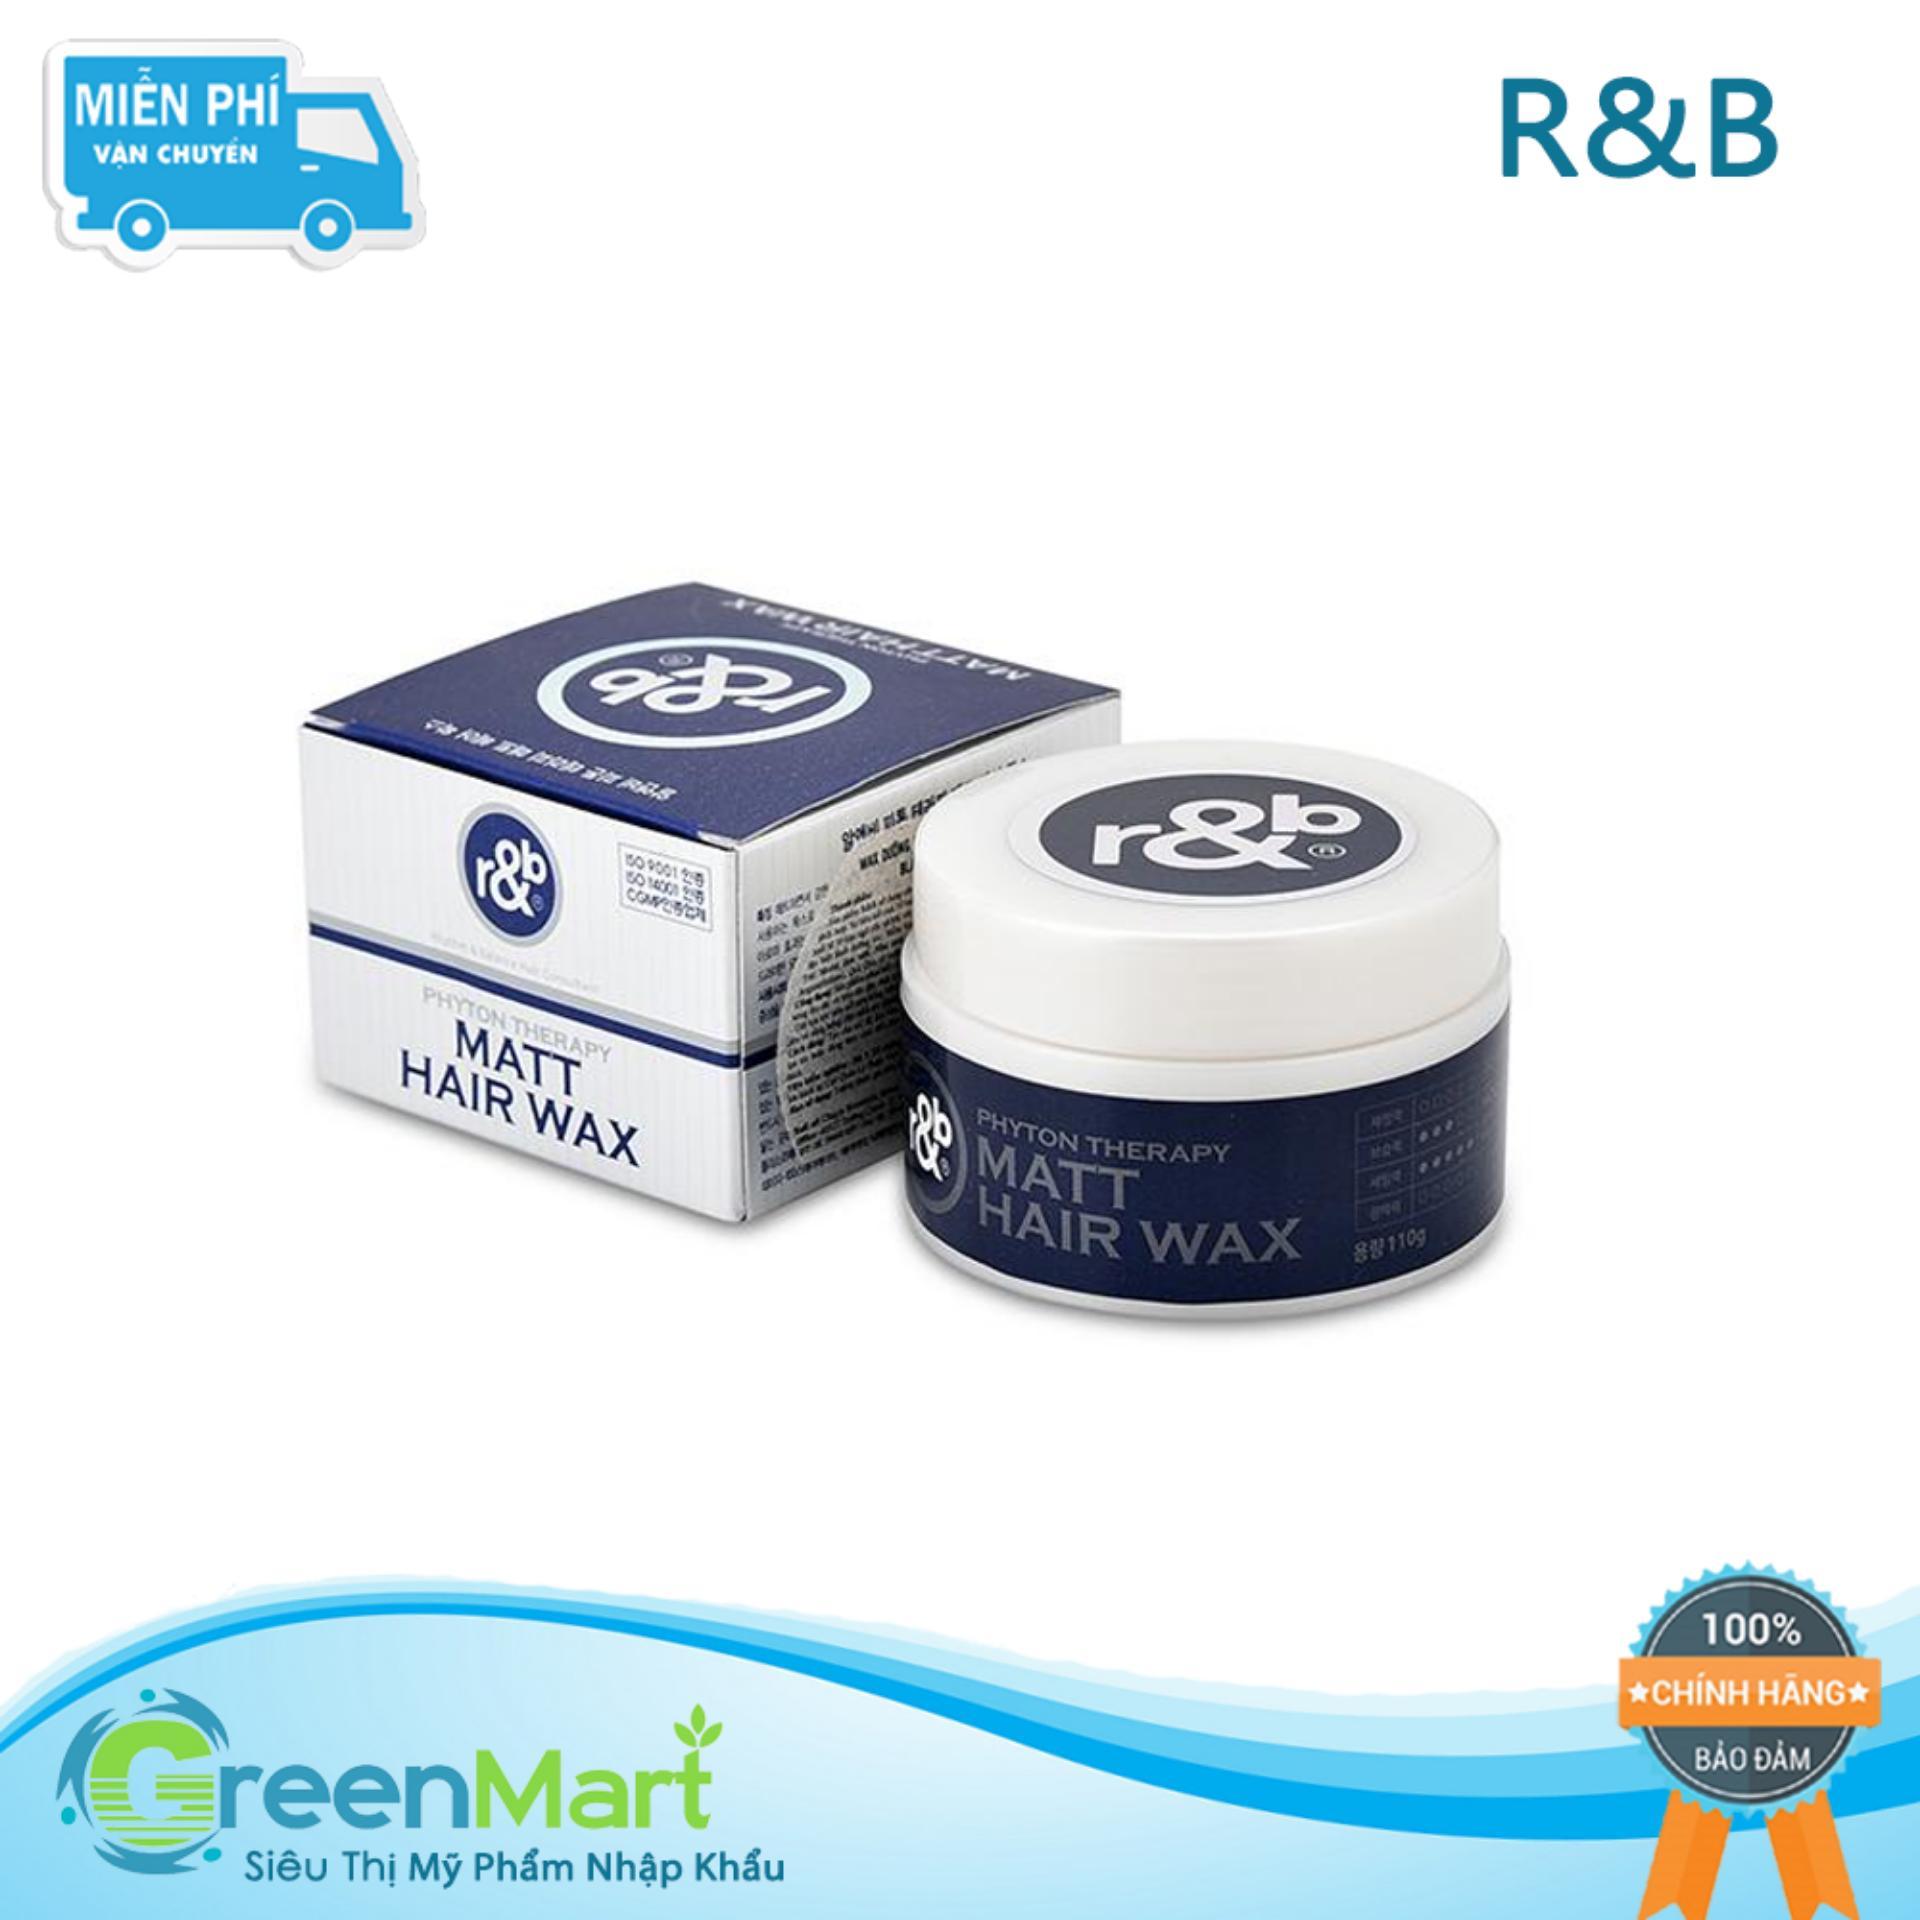 Keo vuốt tóc thảo dược thiên nhiên tạo kiểu tự nhiên không rối tóc mềm dày giữ kiểu lâu R&B Matt Hair Wax, Hàn Quốc 110g tốt nhất